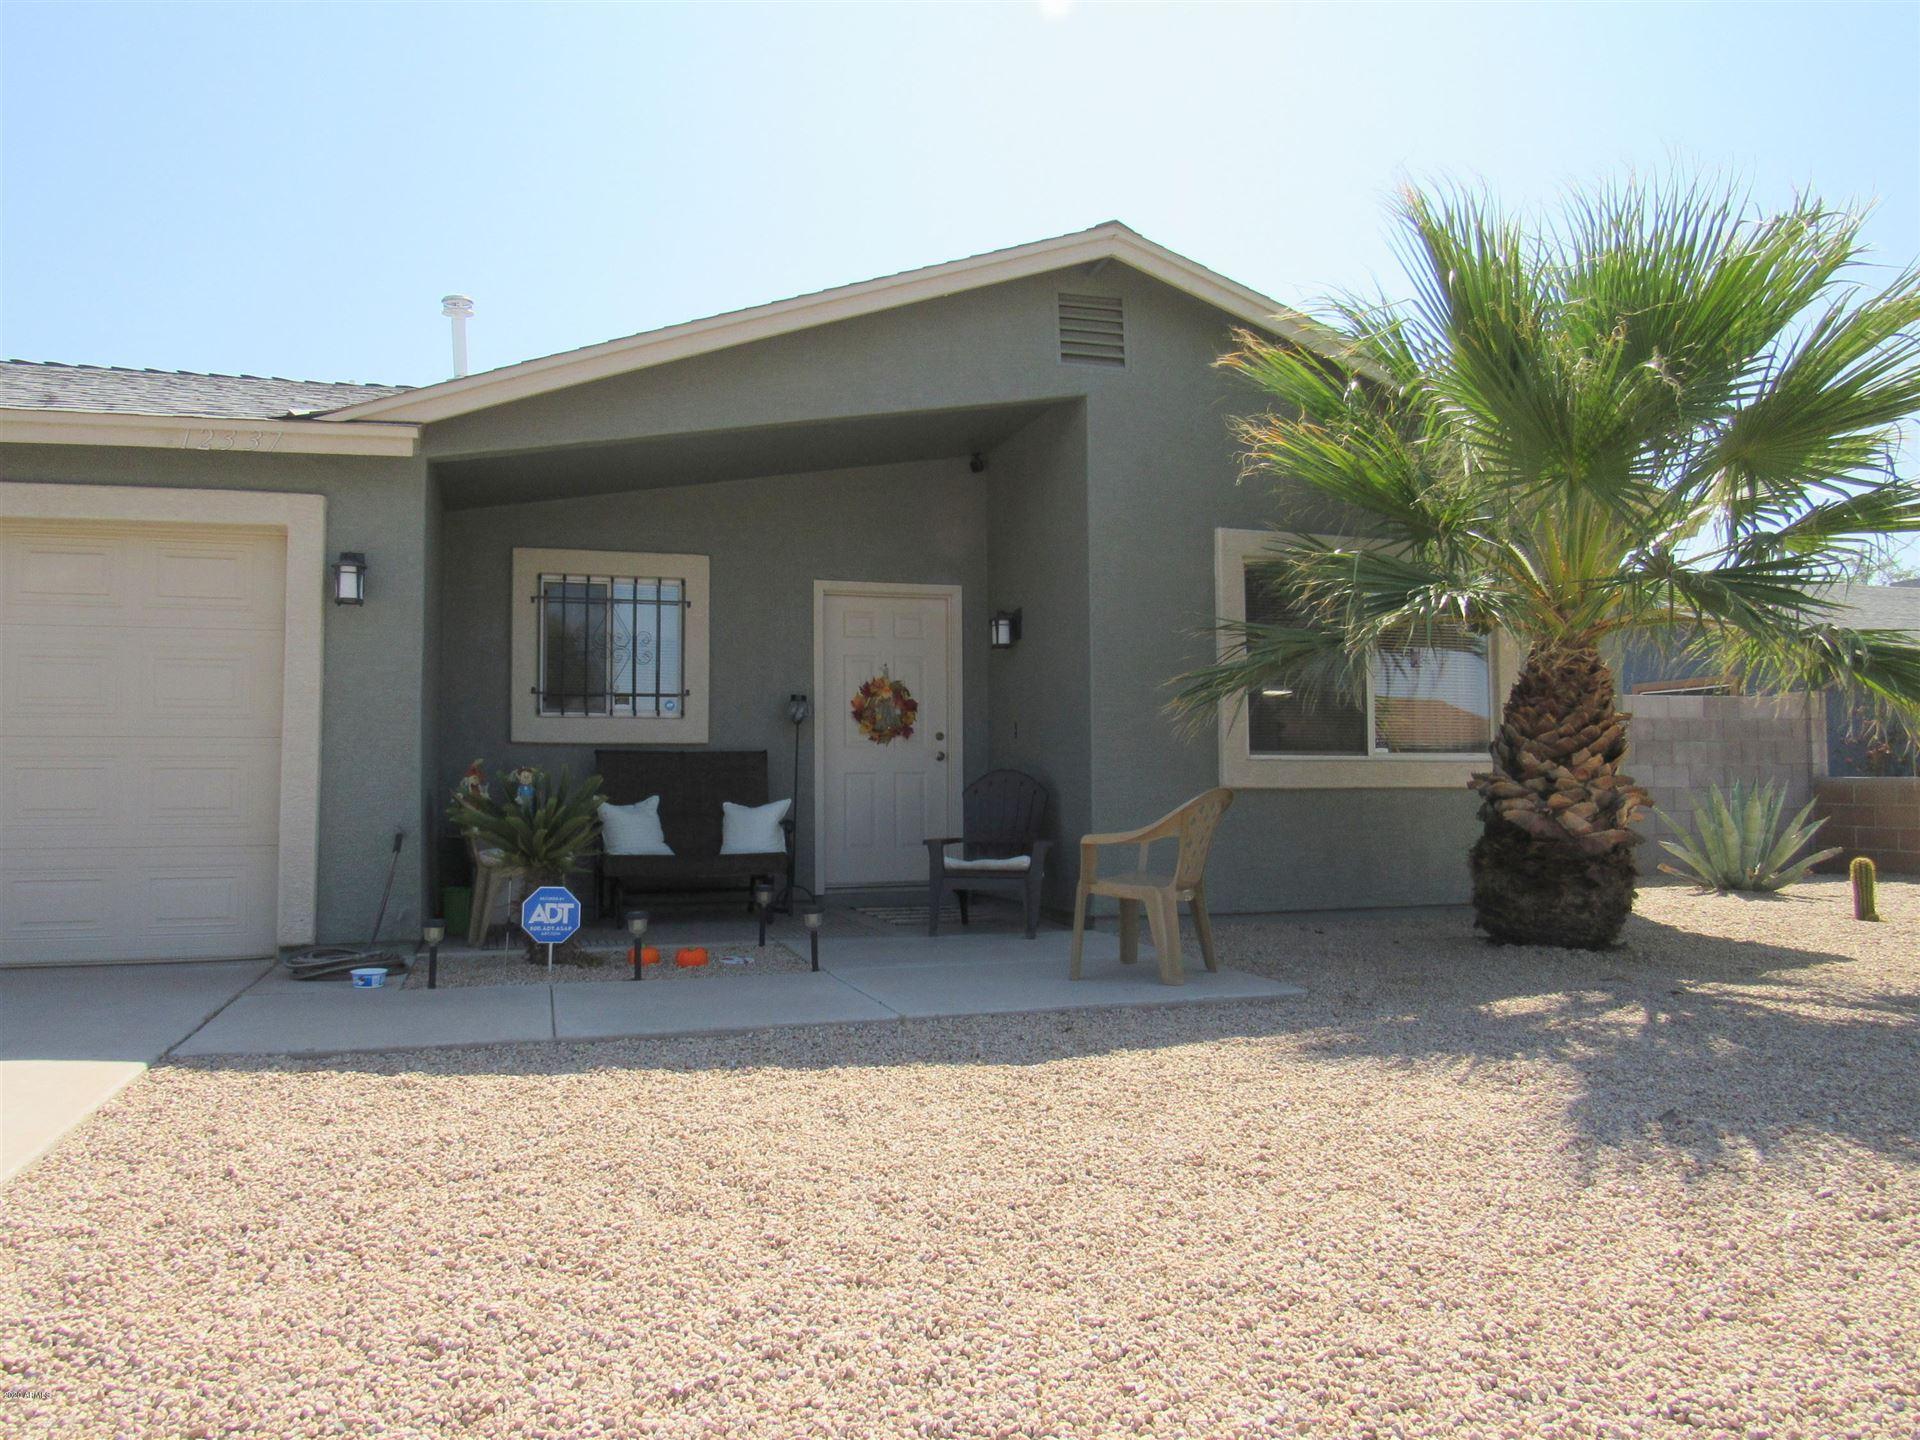 12337 W CALLE HERMOSA Lane, Avondale, AZ 85323 - MLS#: 6136638